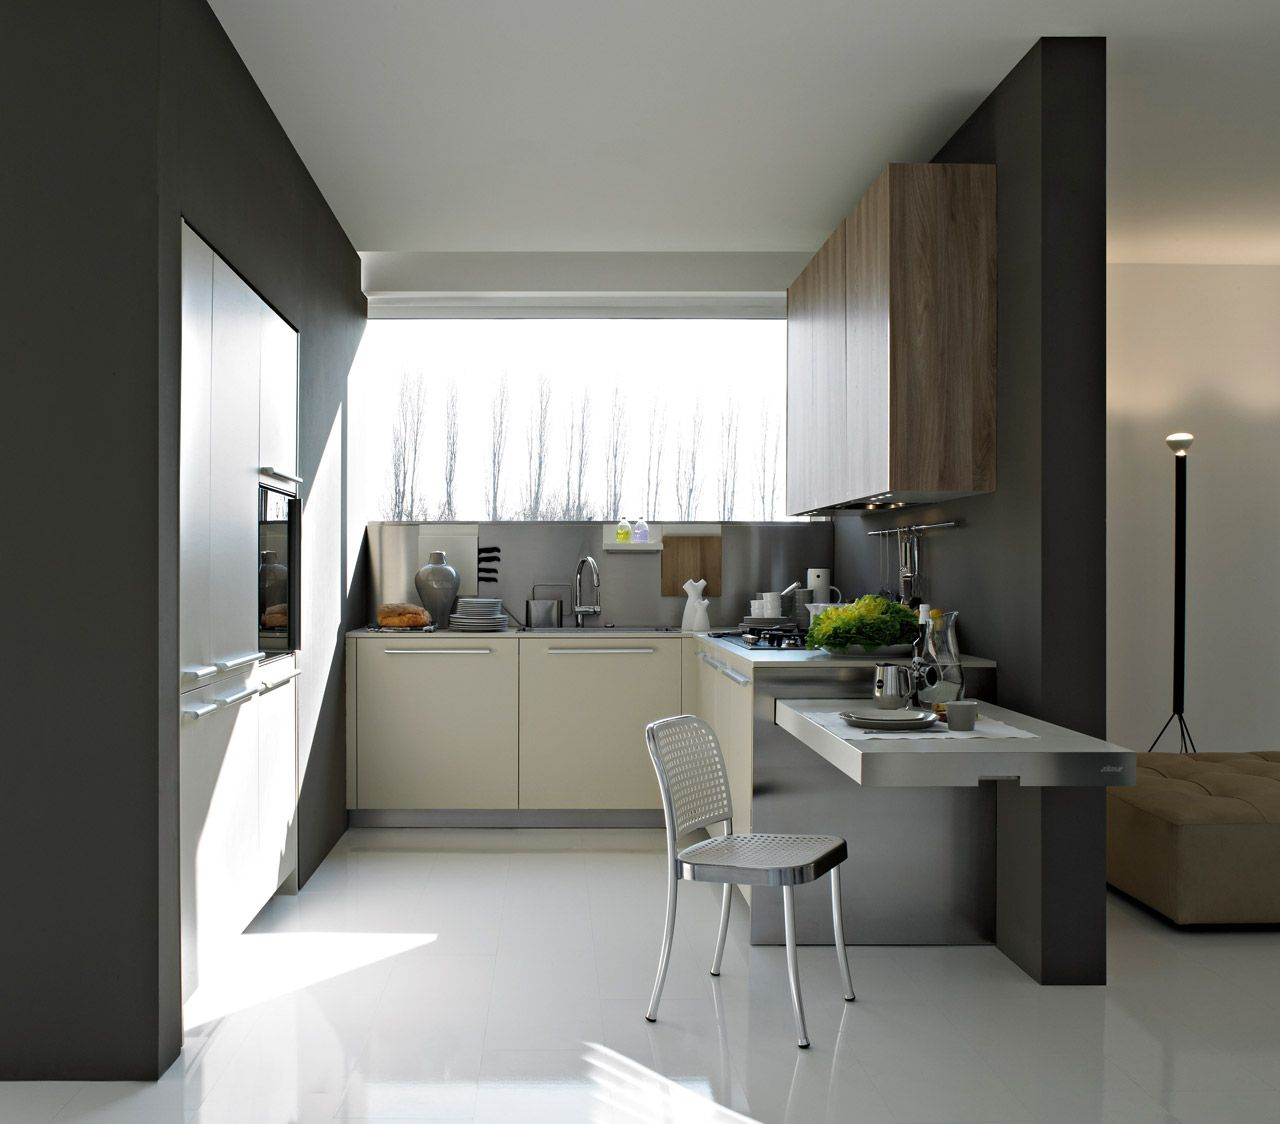 Ispirazioni | Elmar Cucine | Piccole cucine | Pinterest | Cucine ...